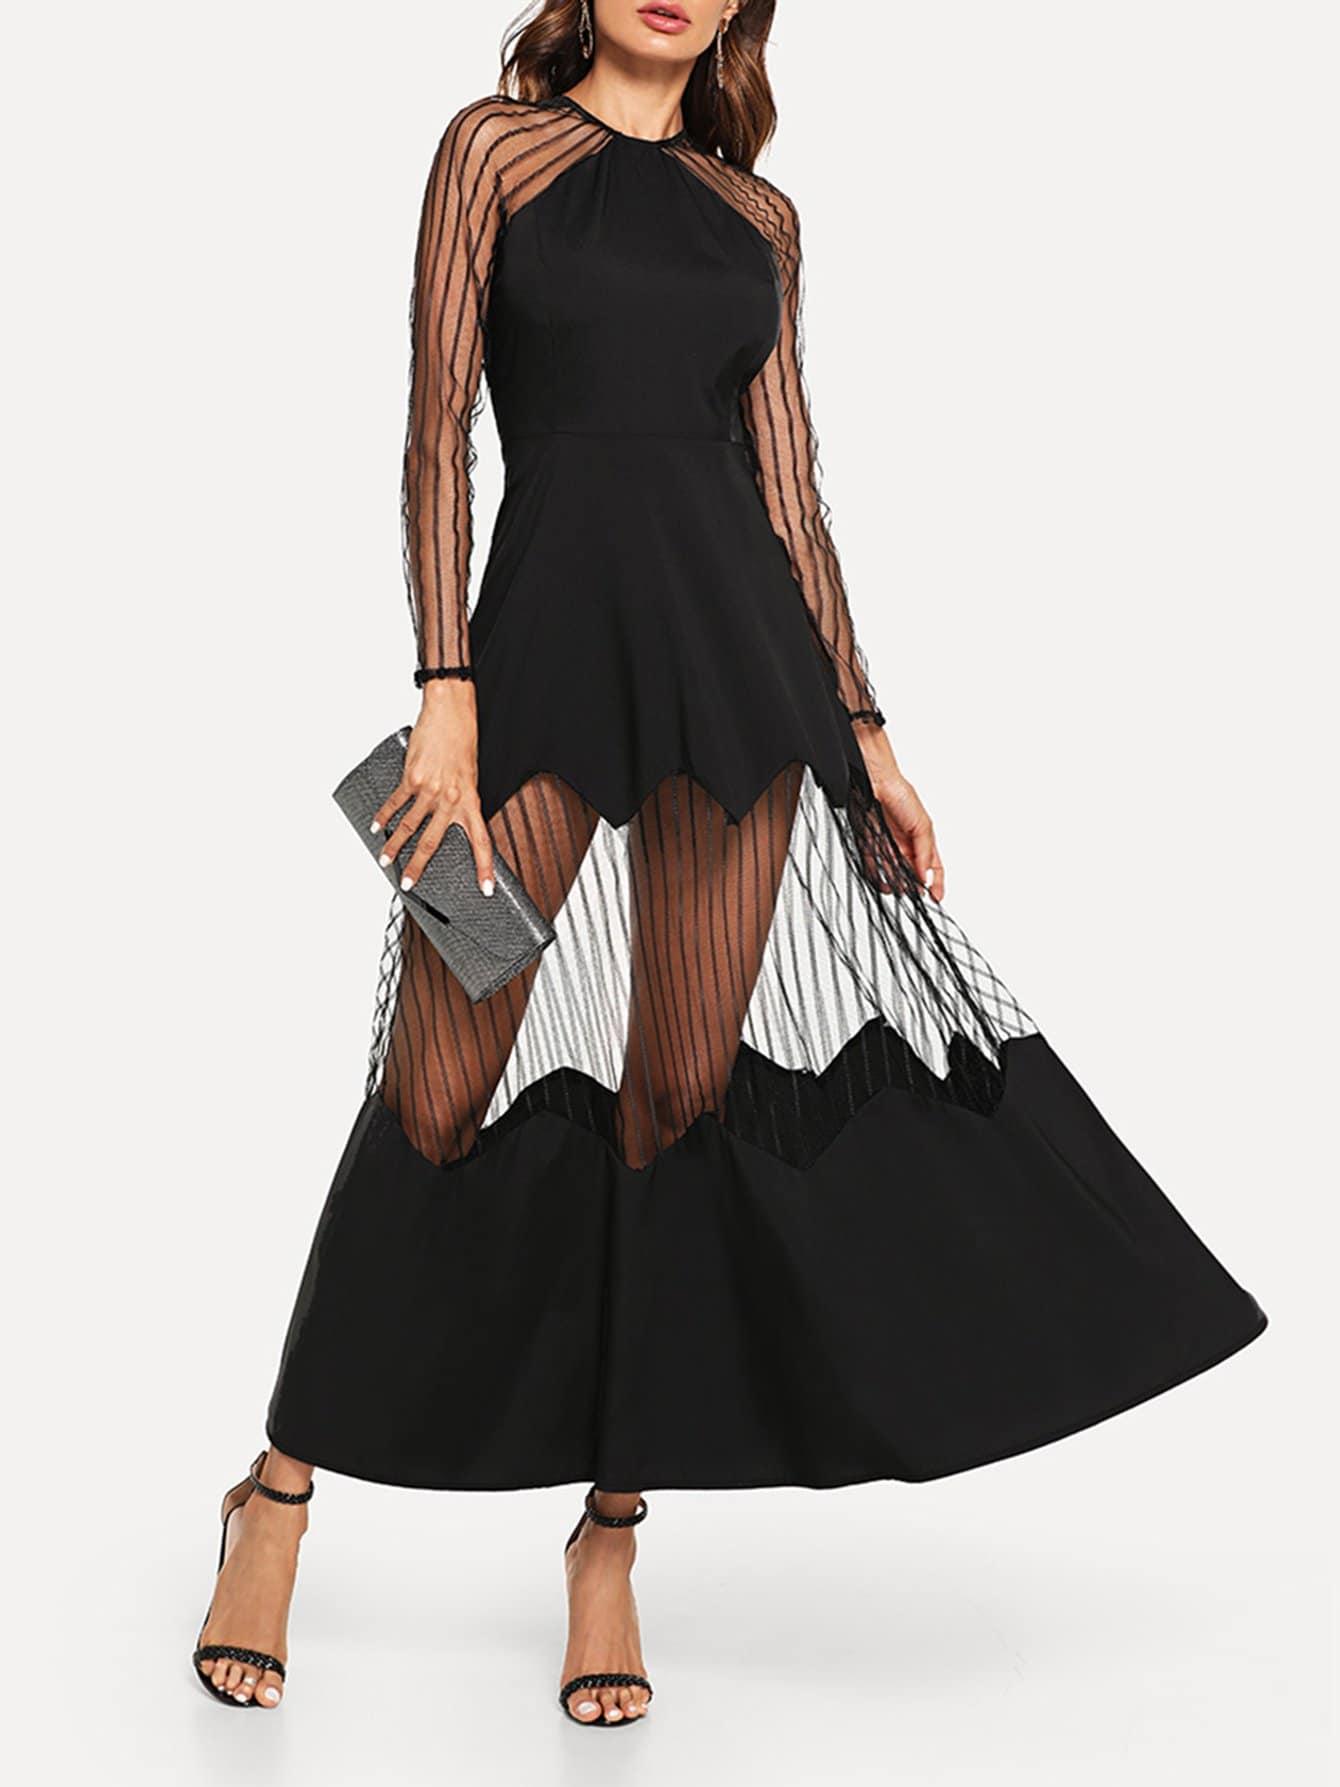 Купить Элегантный стиль Одноцветный Контрастная сетка Чёрные Платья, Andy, SheIn